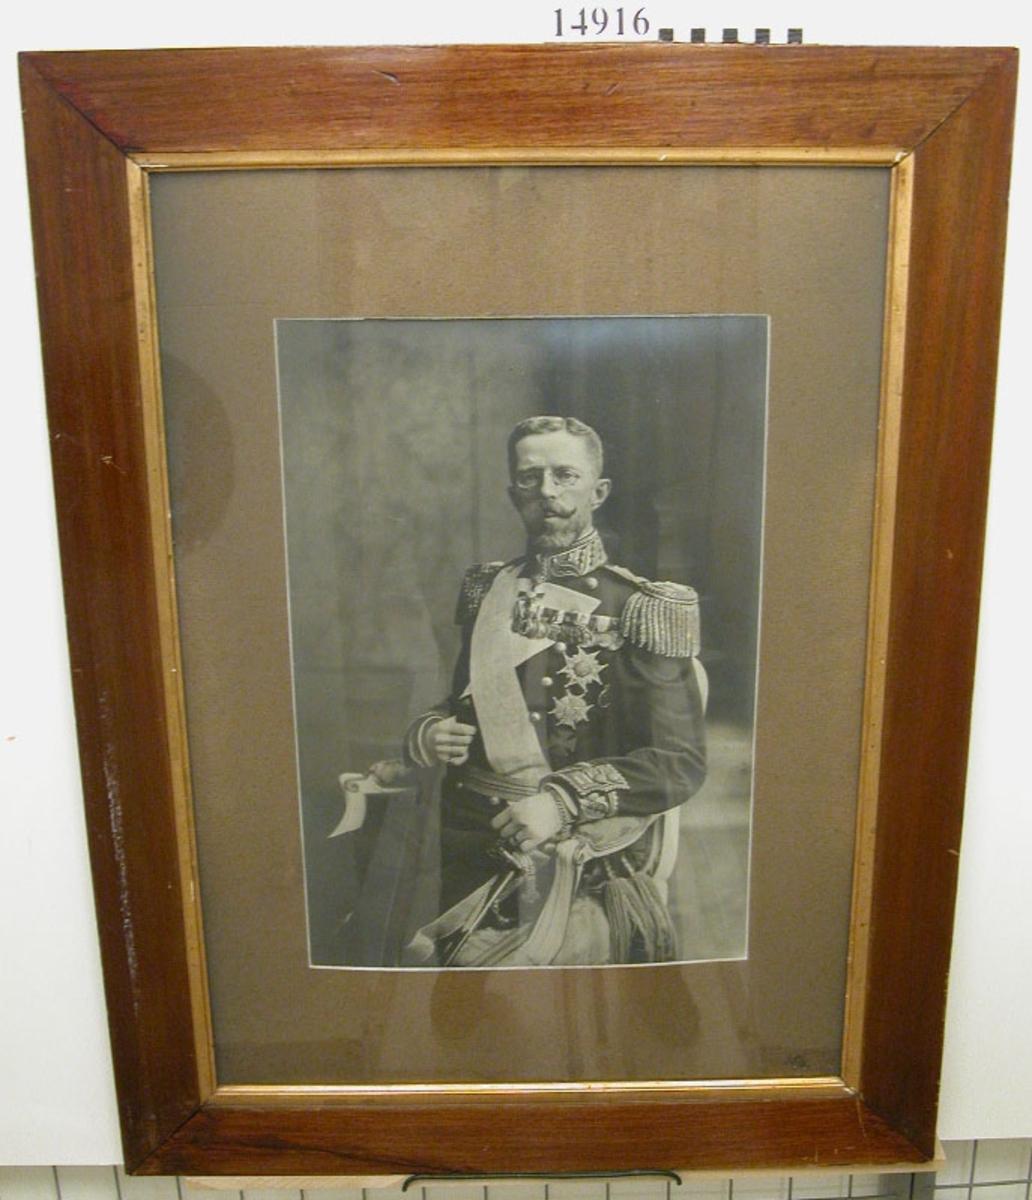 Fotografi inom glas och ram av HM Gustaf V. Neg.nr A 774 1:6